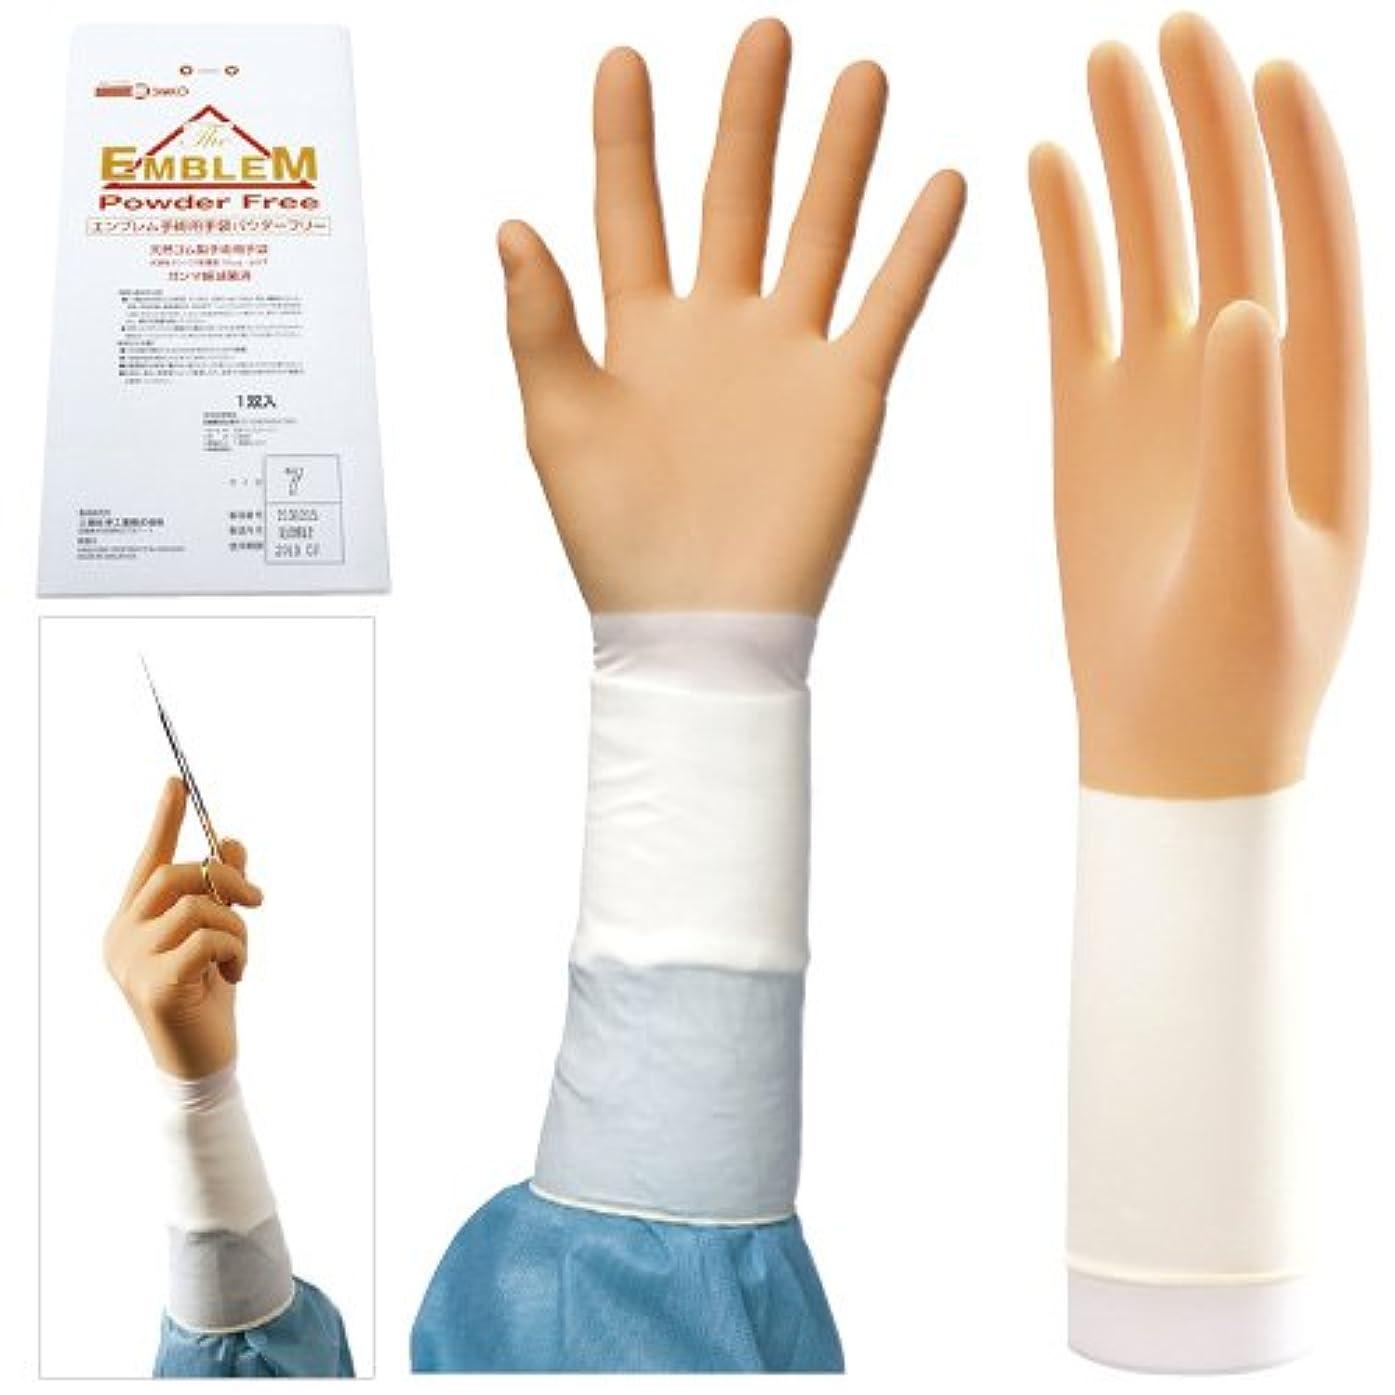 ギター投げ捨てる関係するエンブレム手術用手袋 パウダーフリー NEW(20双入) 6.5